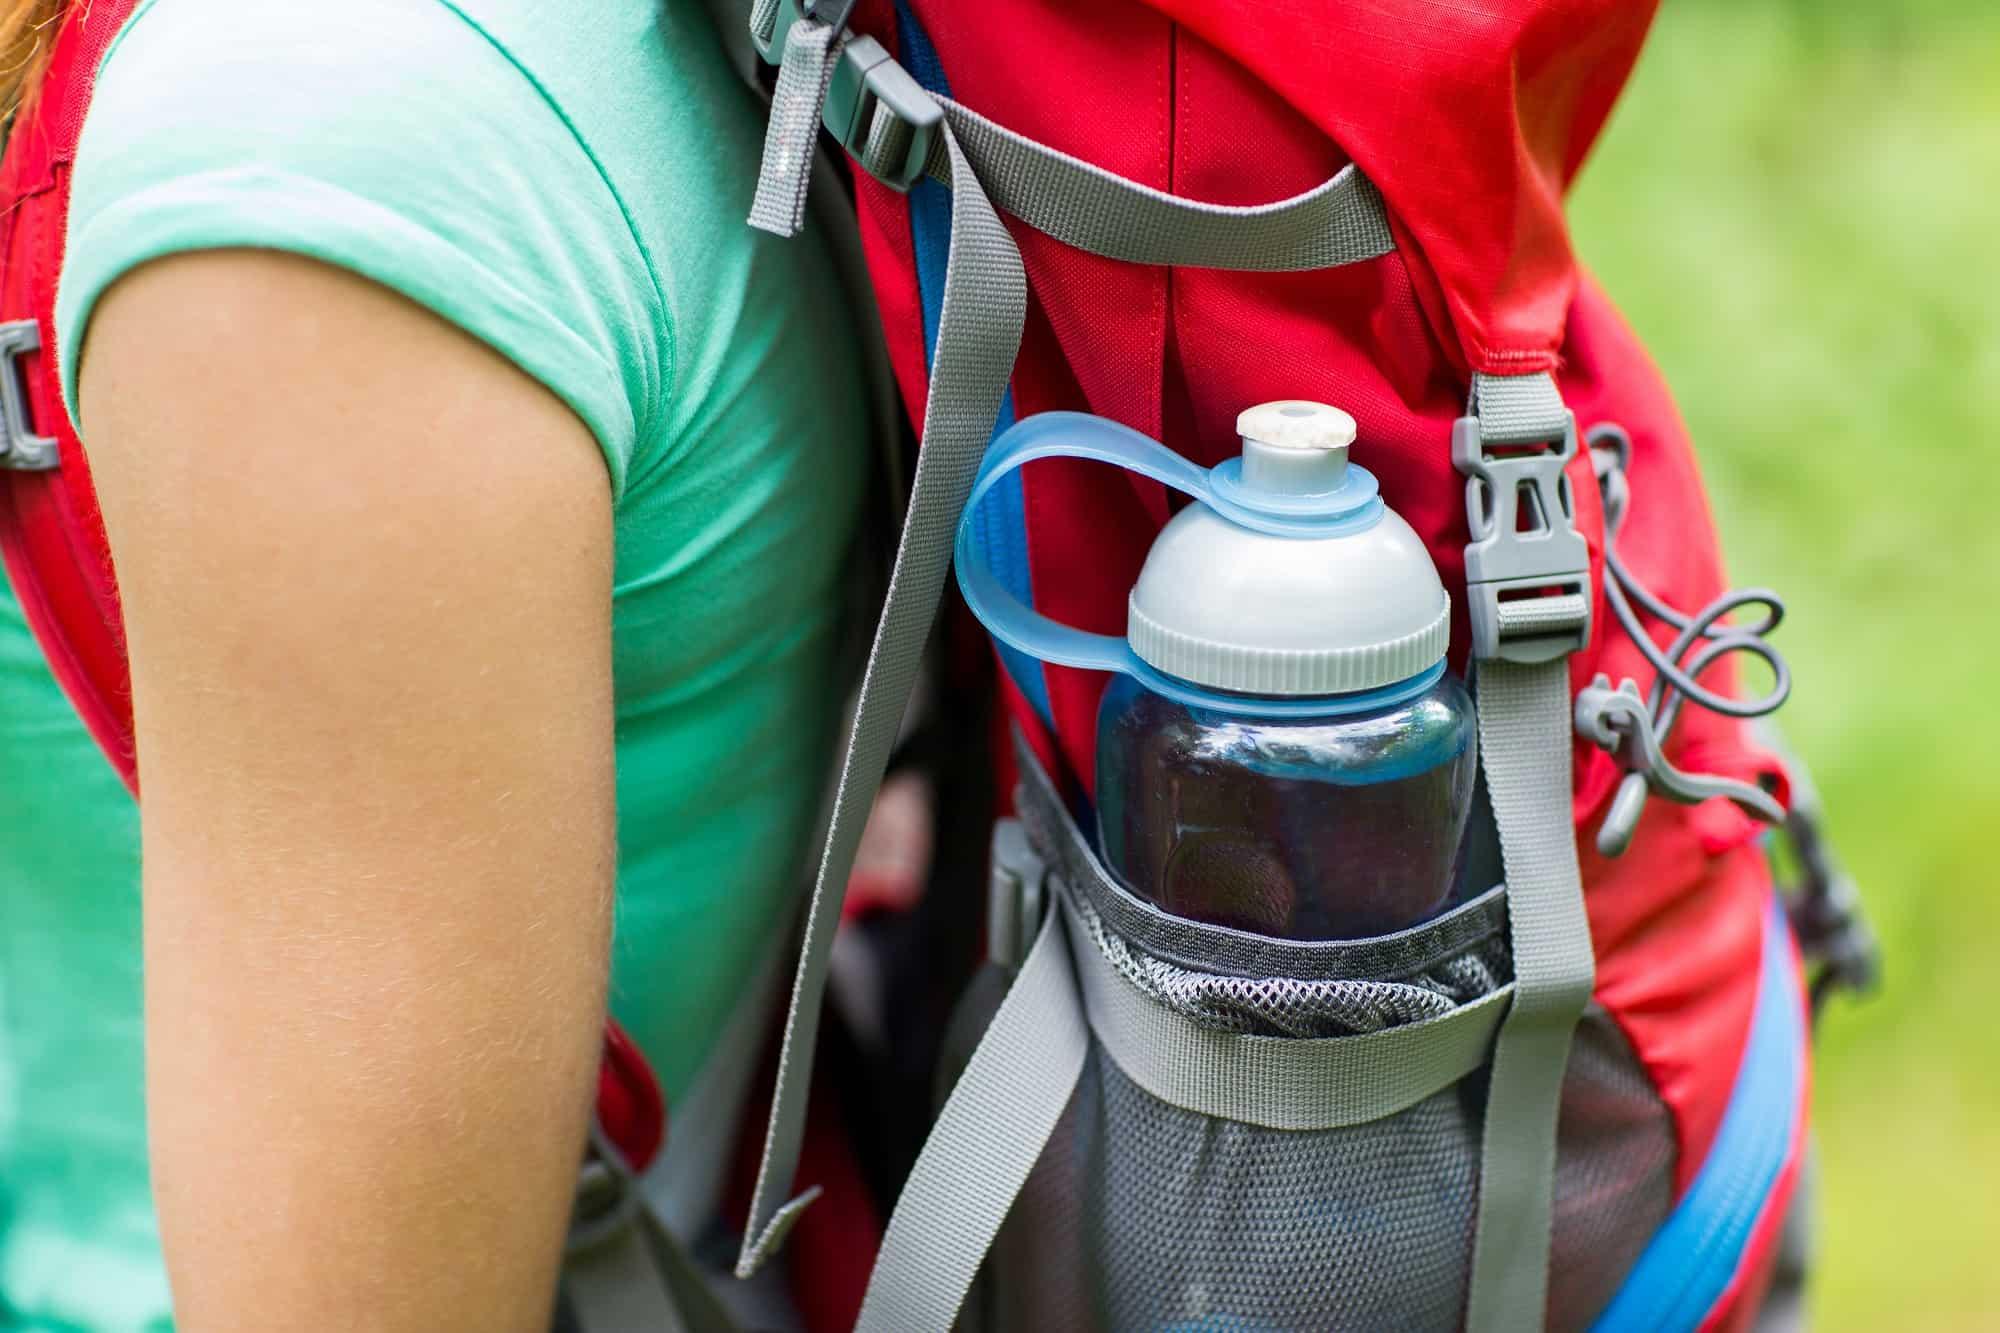 Trinkflasche Kohlensäure: Test & Empfehlungen (06/20)